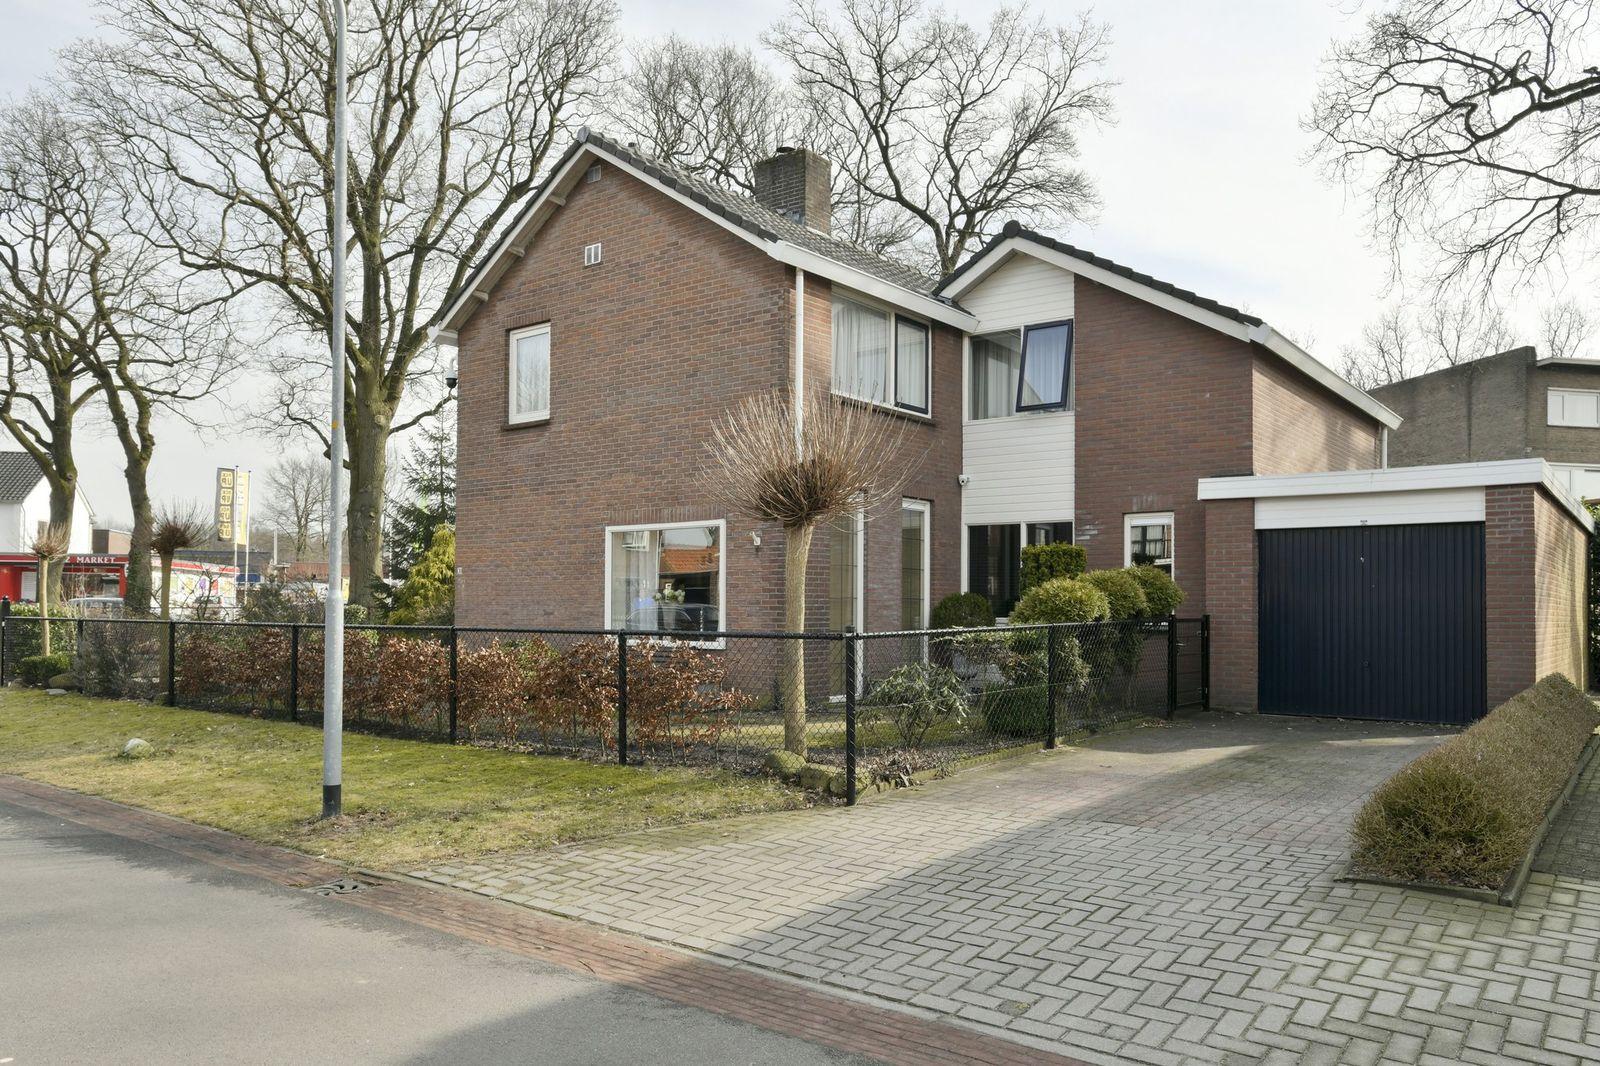 Polenstraat 30, Emmen